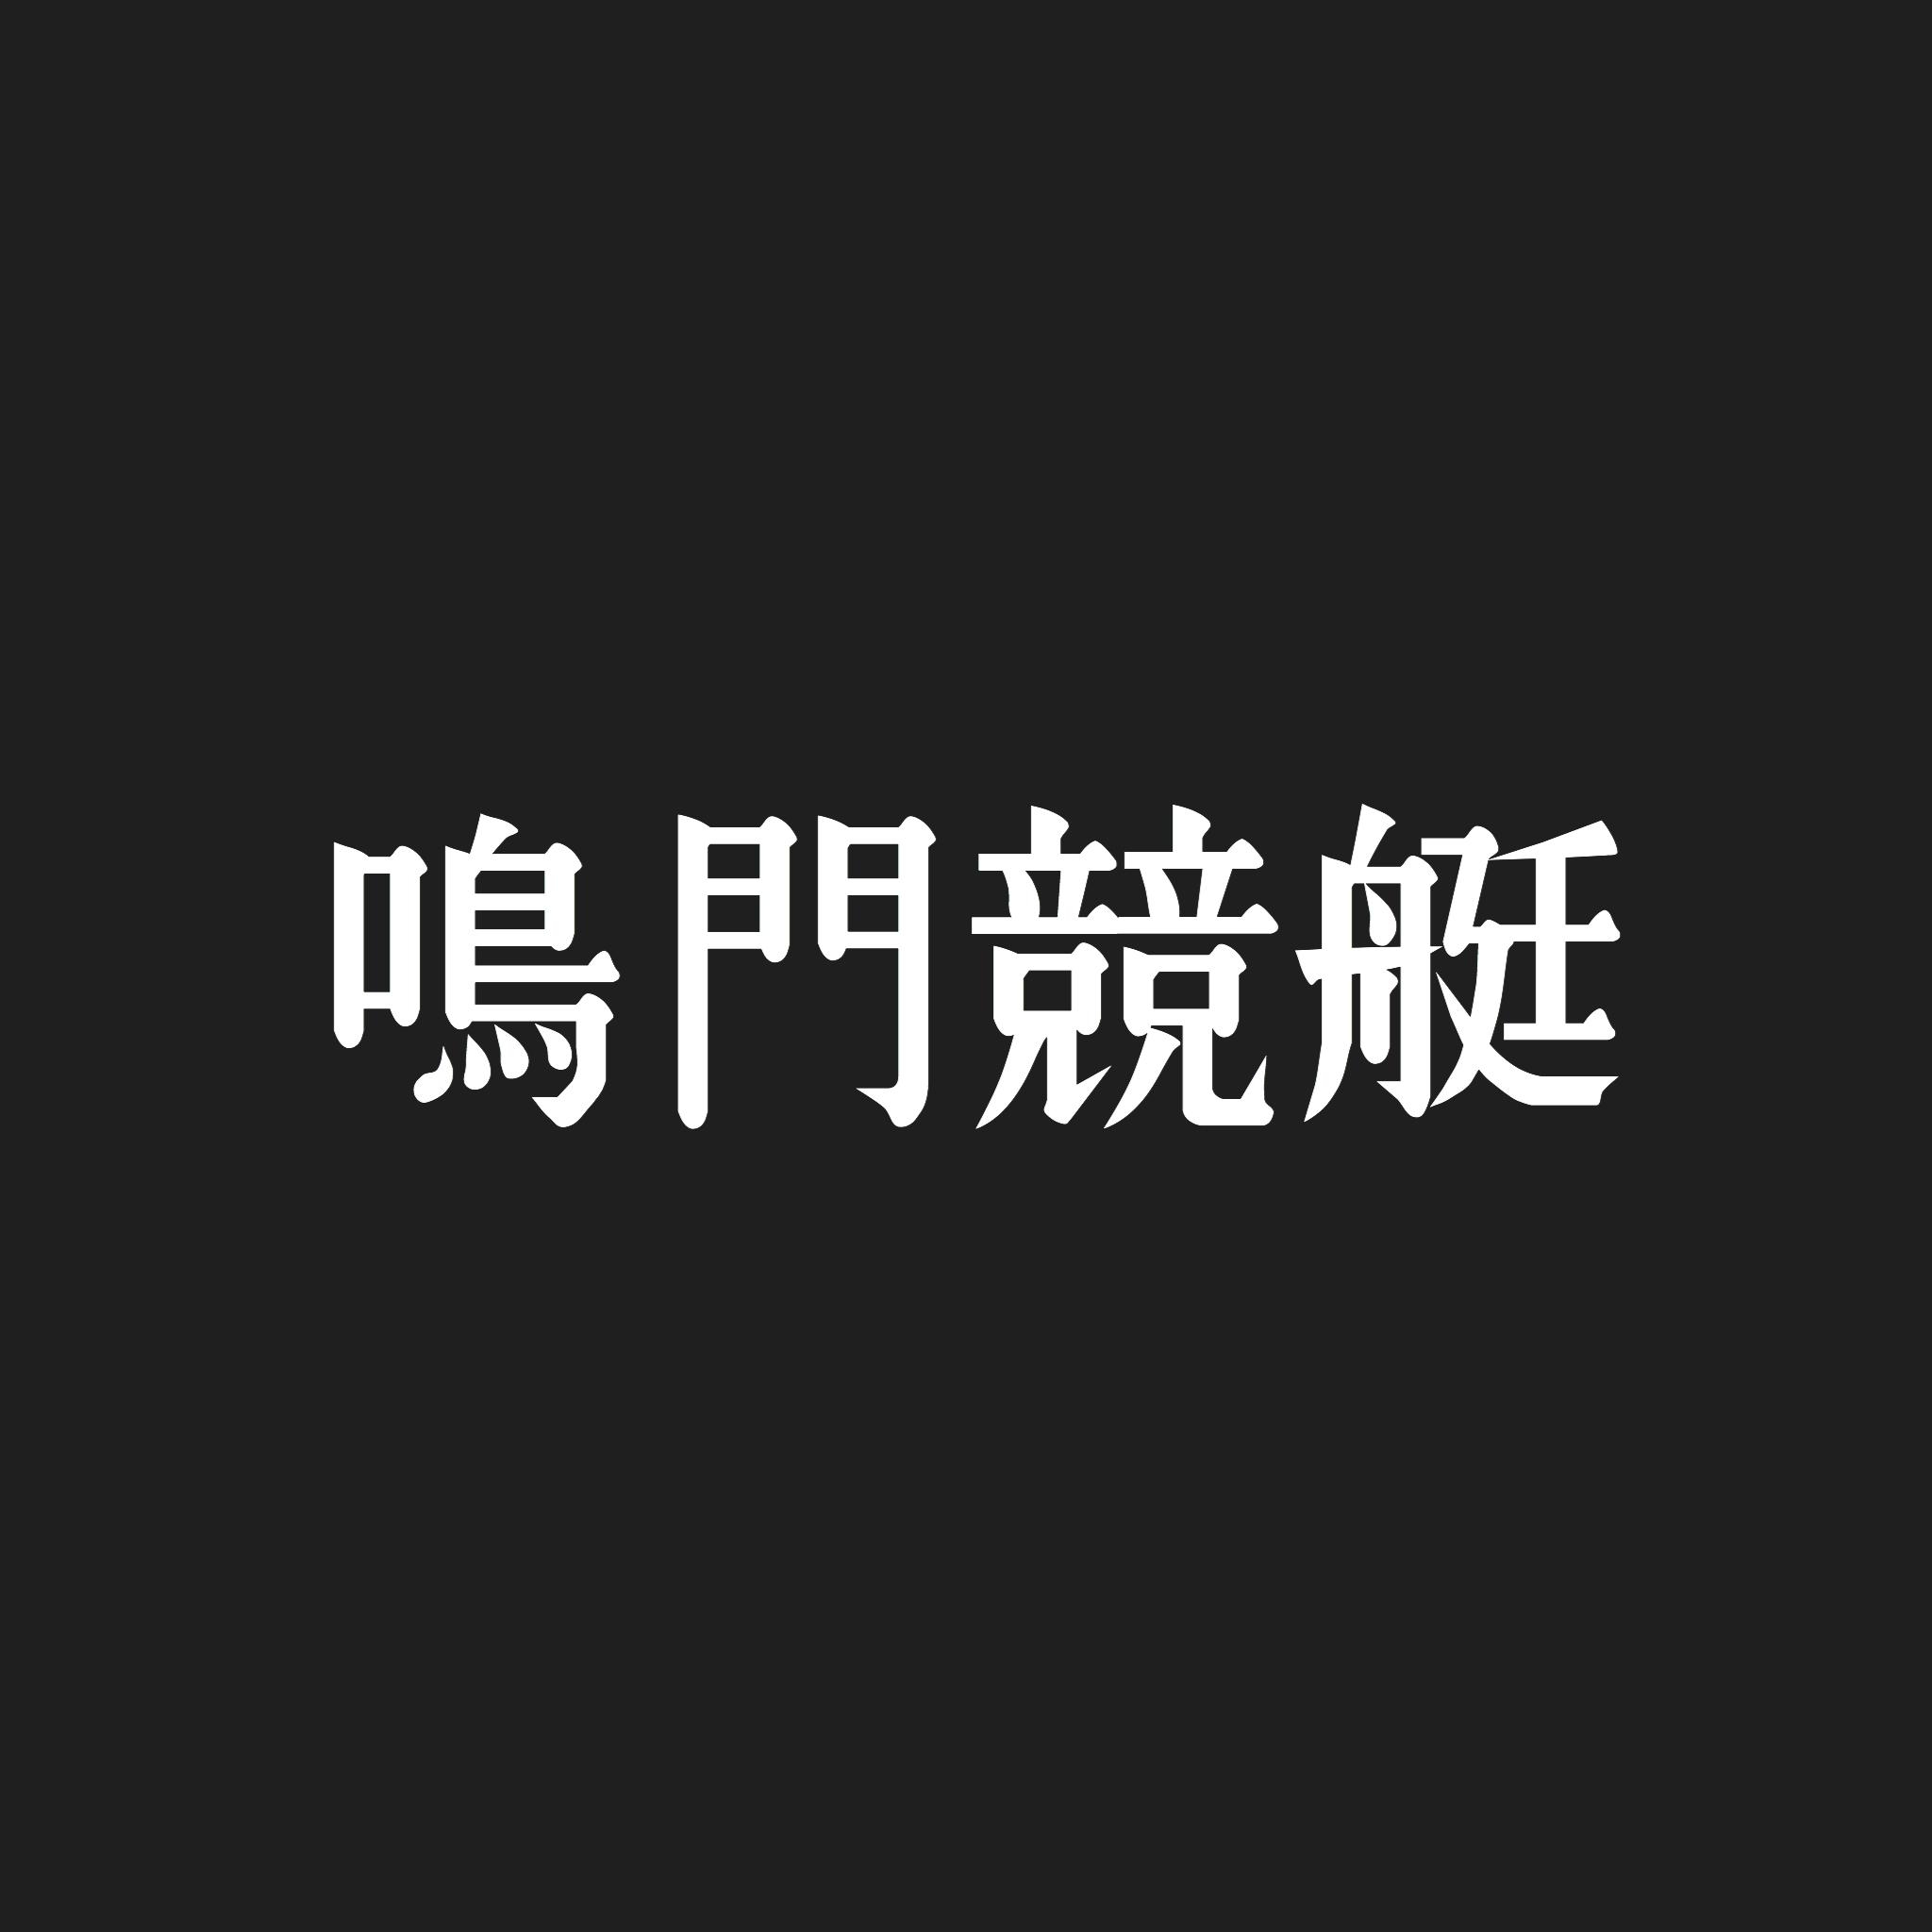 鳴門 G1 大渦大賞開設65周年記念競走 3日目(2018.10.03)